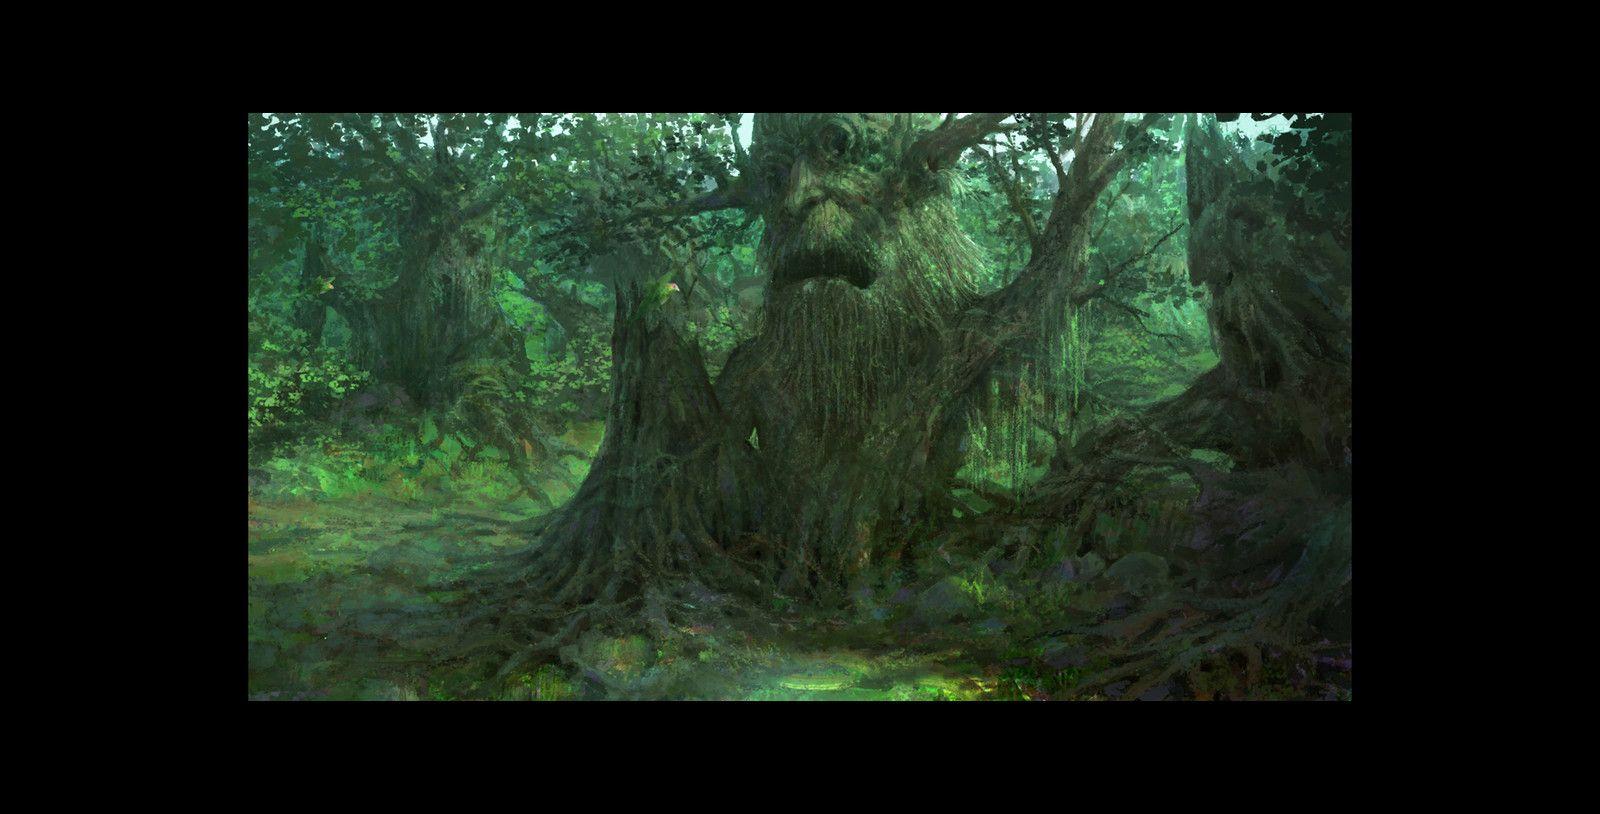 Ent forest, Hangyo Jung on ArtStation at https://www.artstation.com/artwork/lNblY